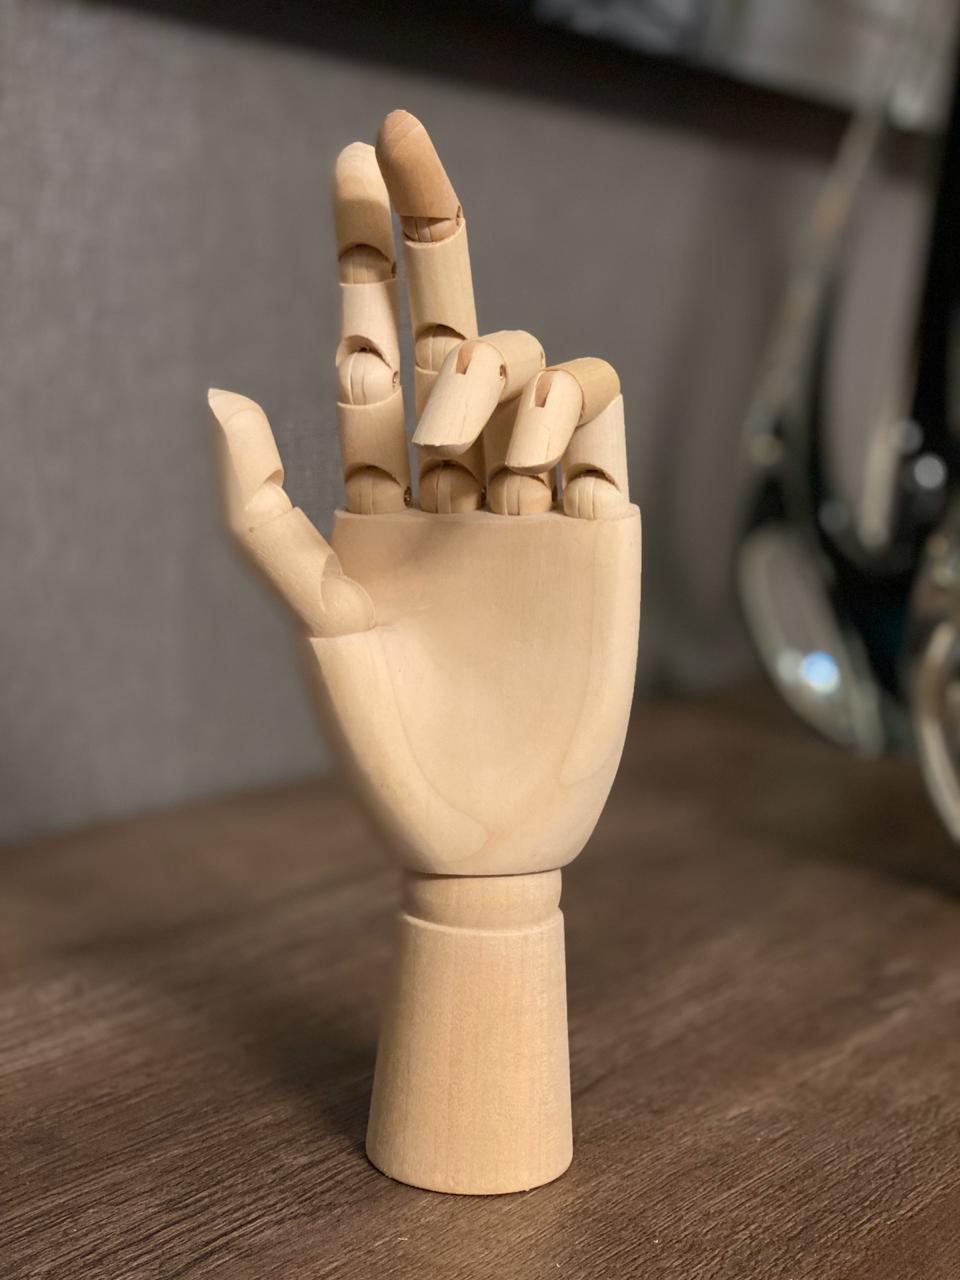 Enfeite de Madeira: Mão (15cm)